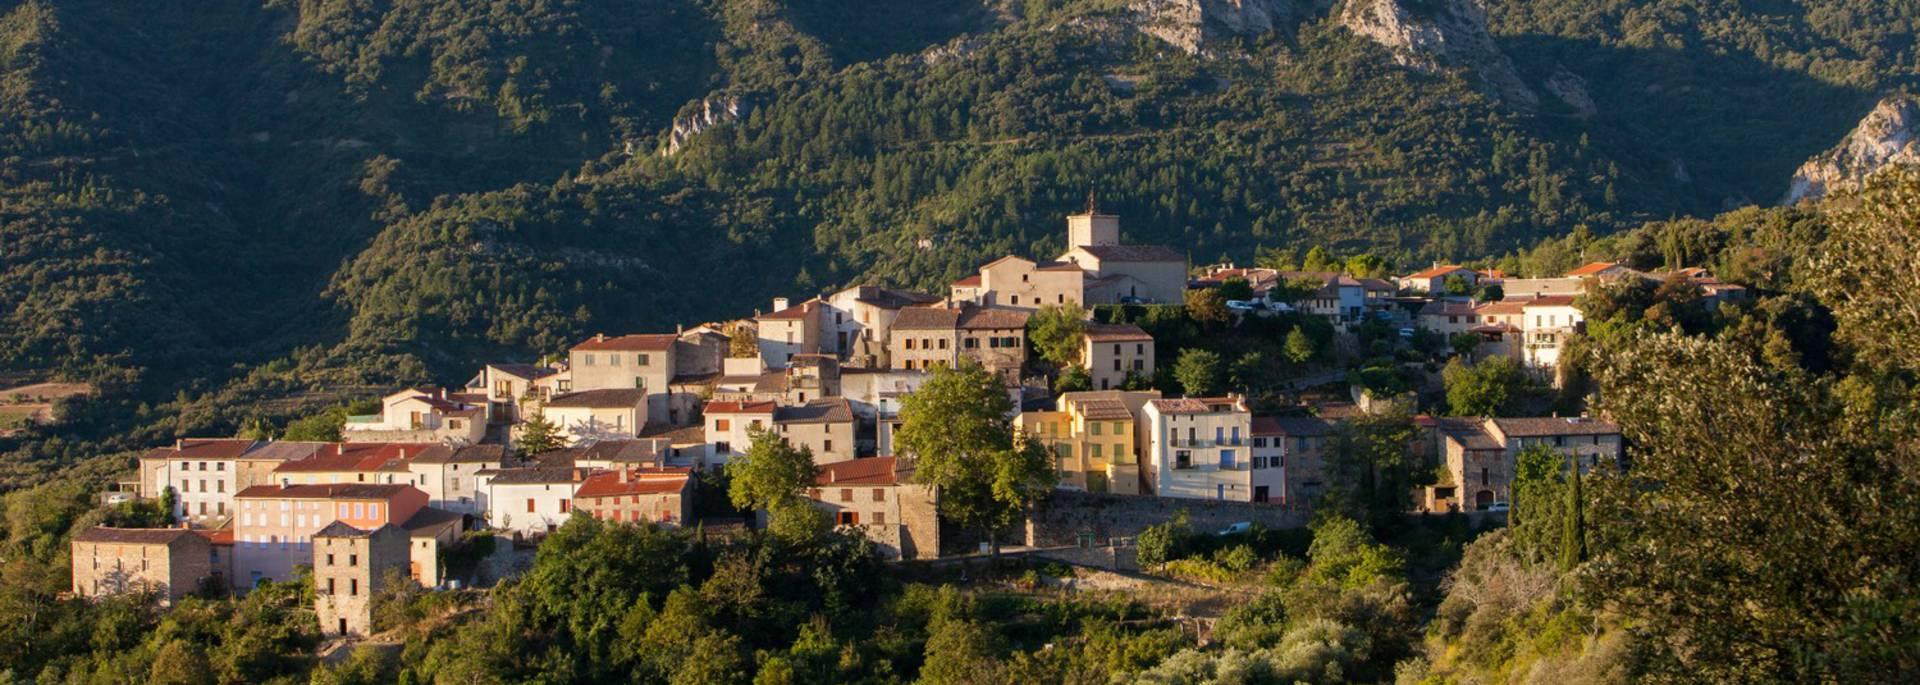 Das Dorf Duilhac-sous-Peyrepertuse